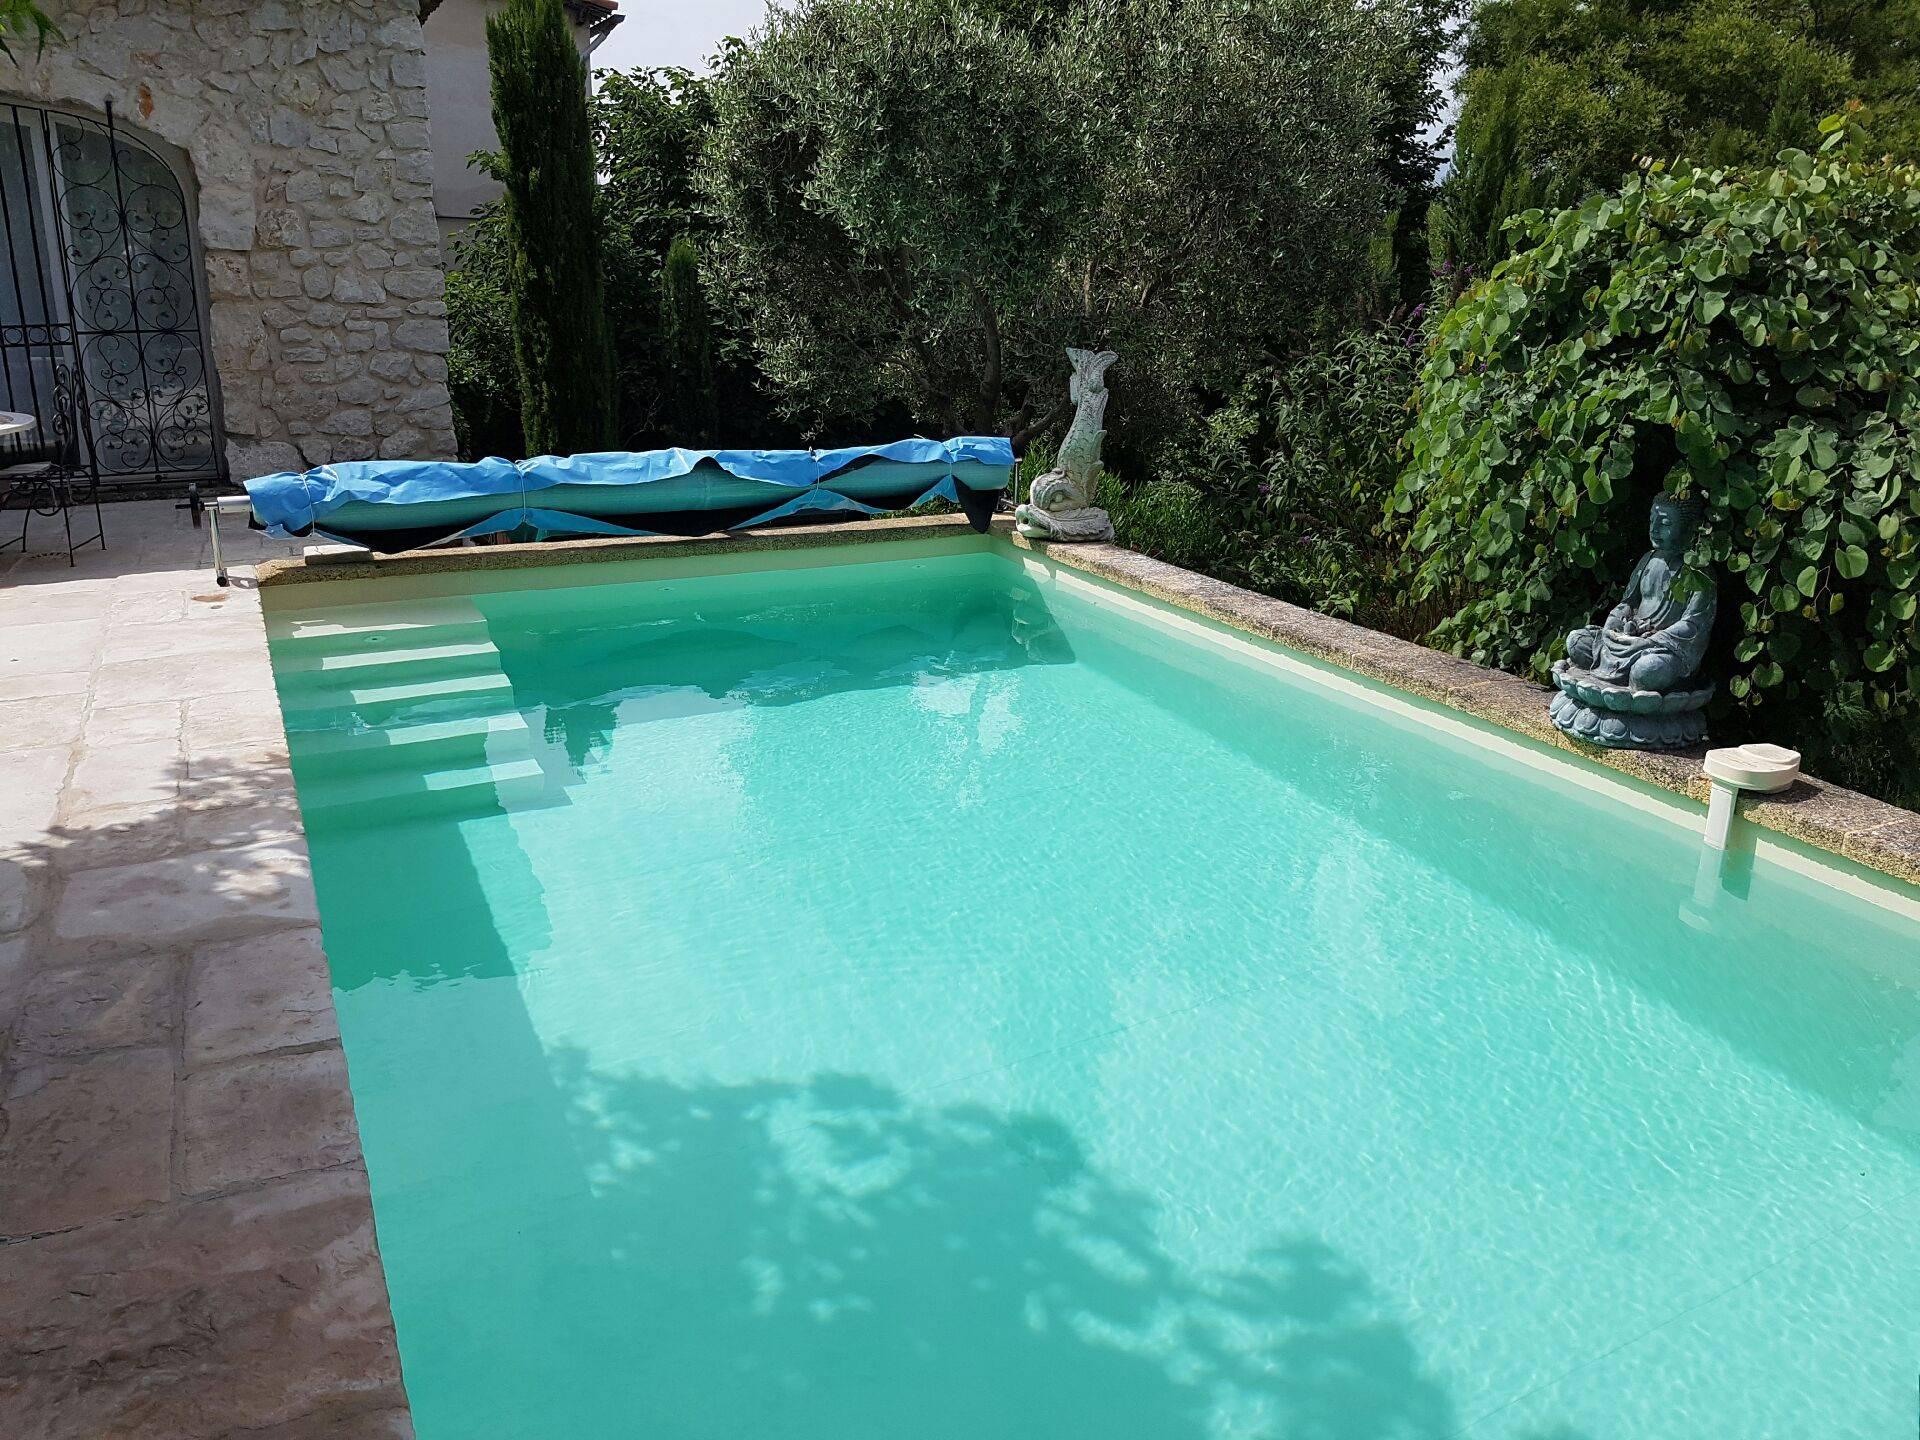 Materiel Piscine La Ciotat rénovation de piscine liner en béton armé la ciotat - ferré